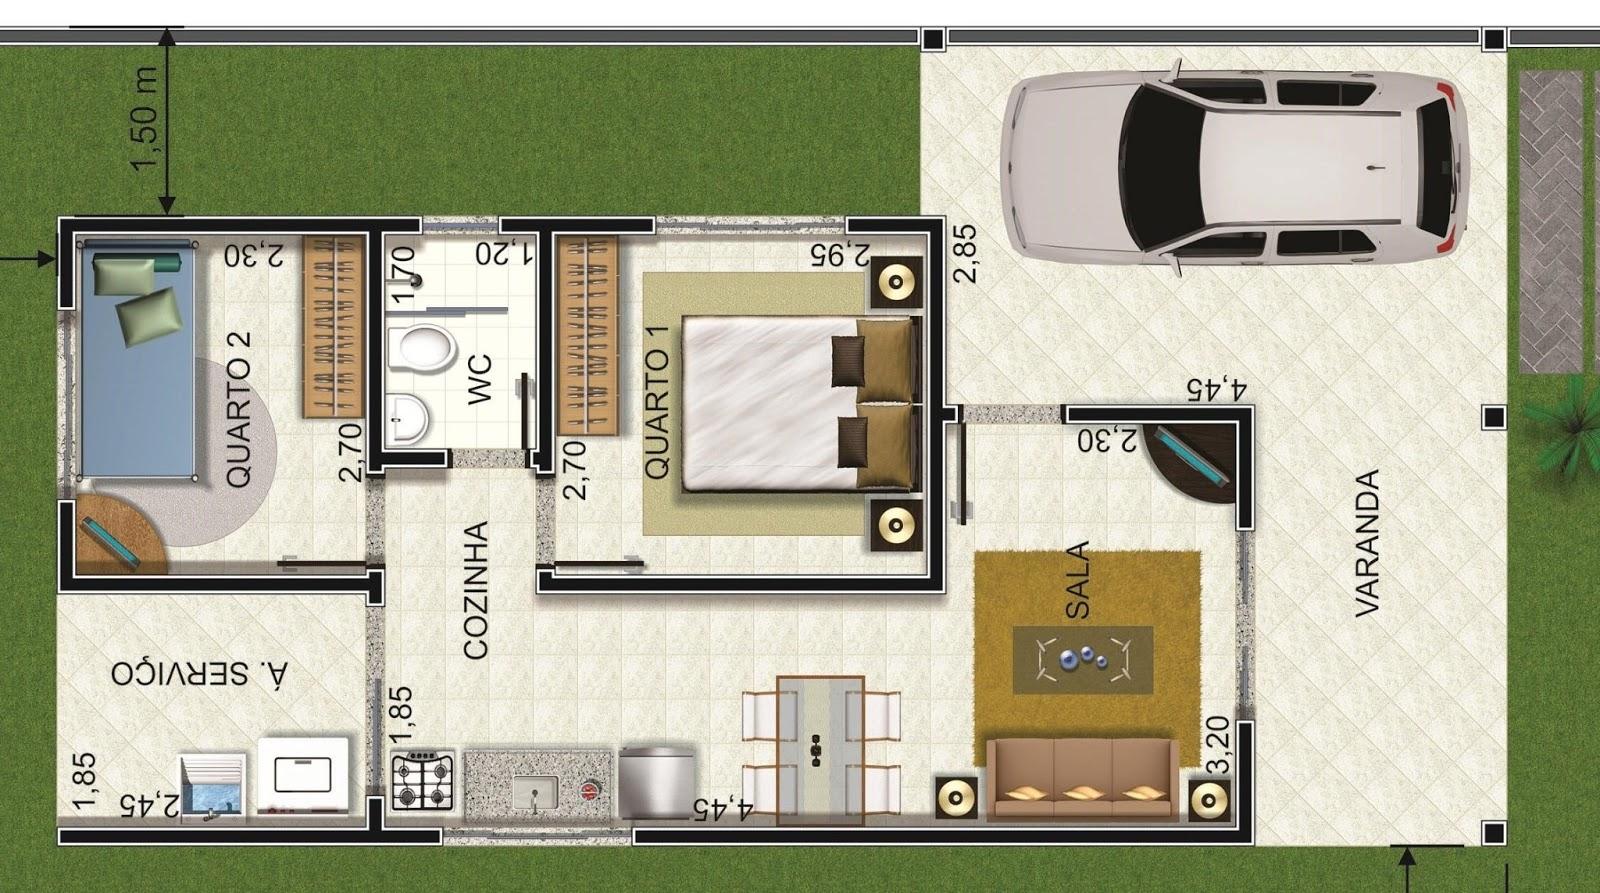 Brolezzi constru oes for Modelos planos de casas para construir